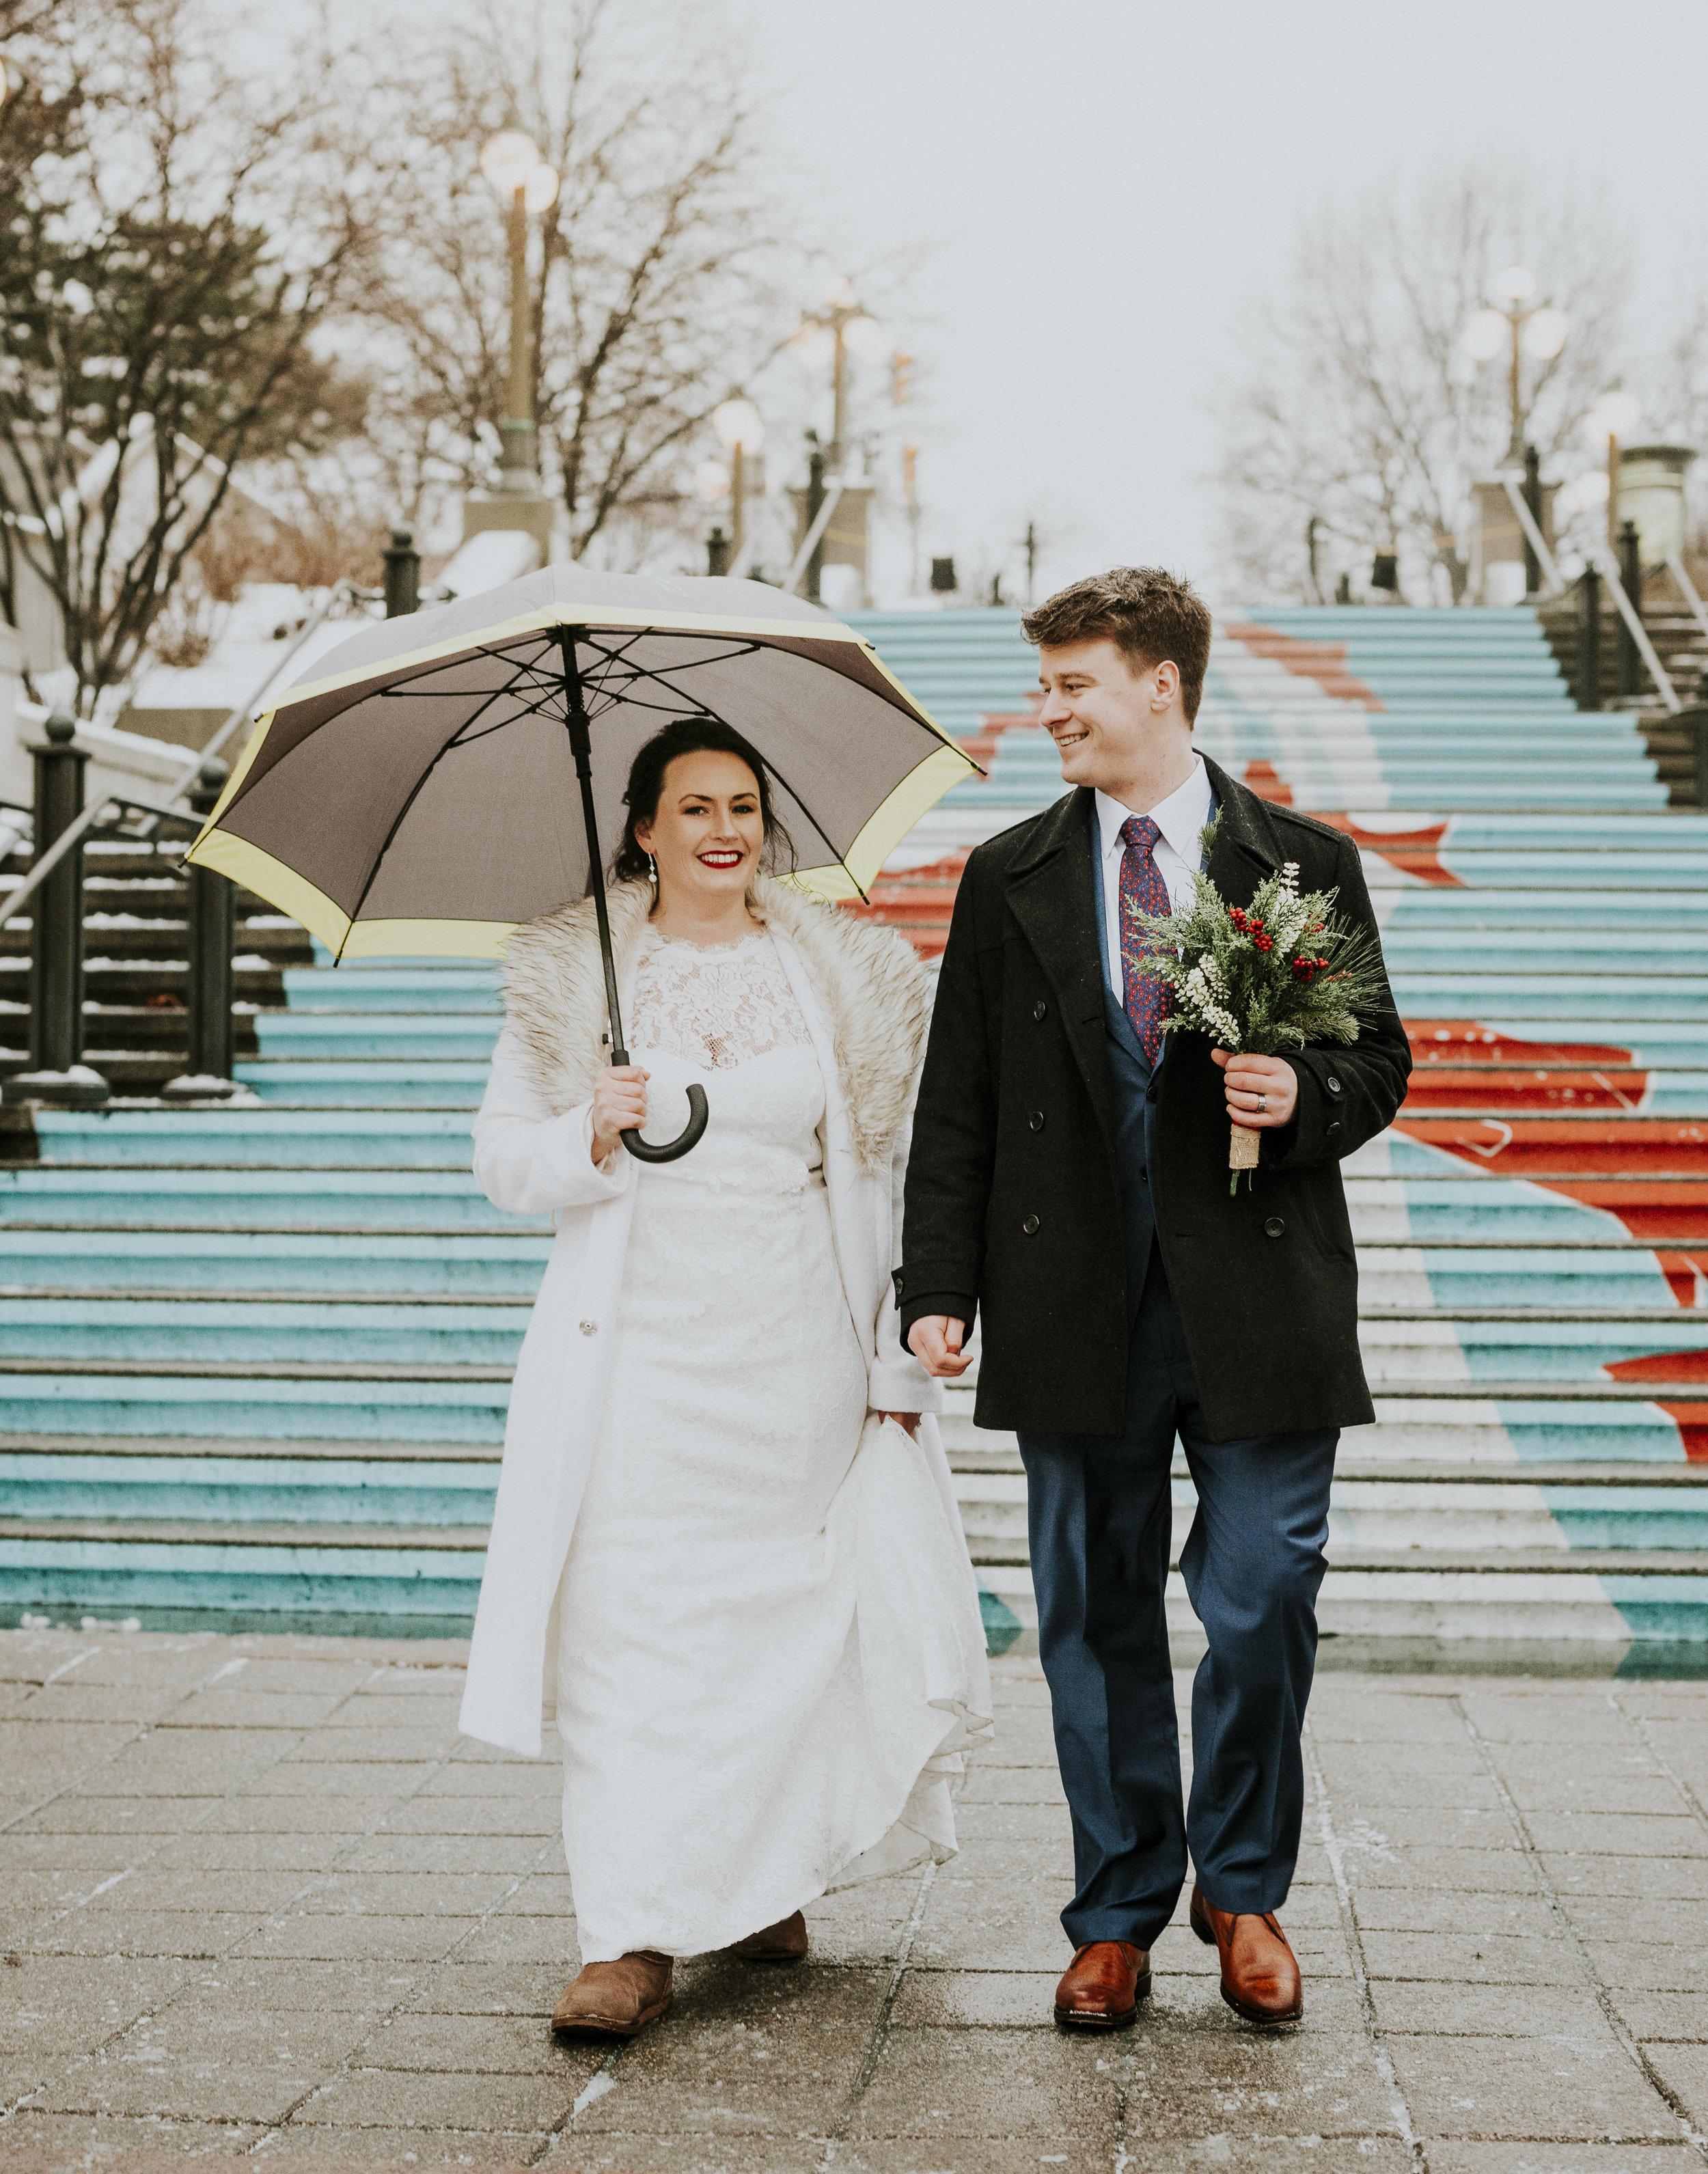 001_Bride + Groom Portraits-057.jpg